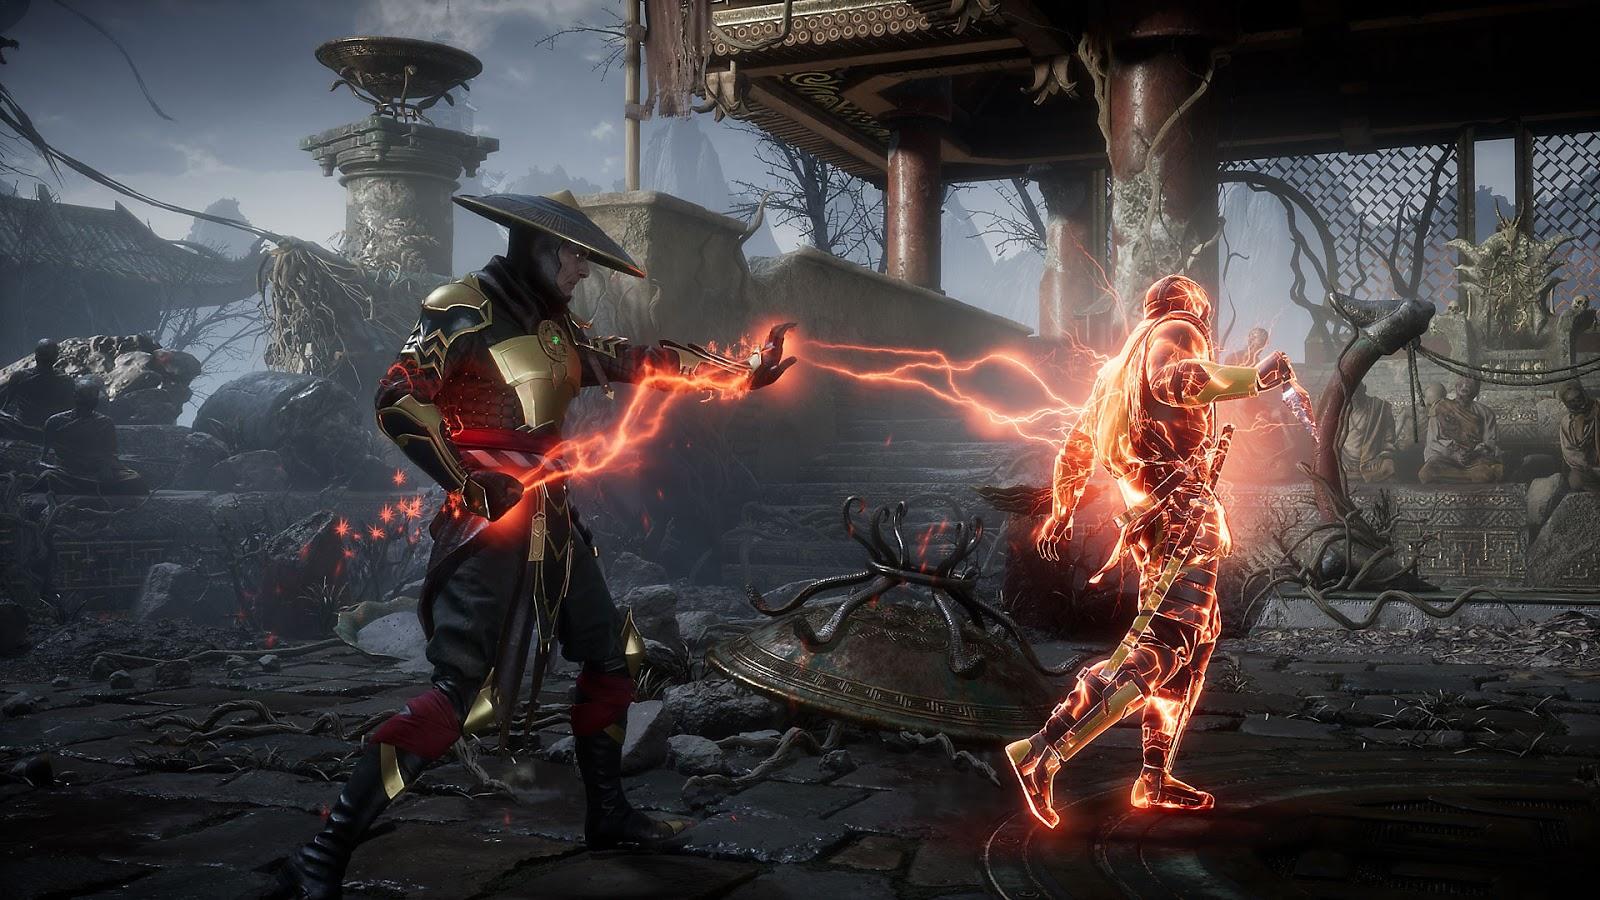 كل ما تحتاج معرفته حول لعبة Mortal Kombat 11